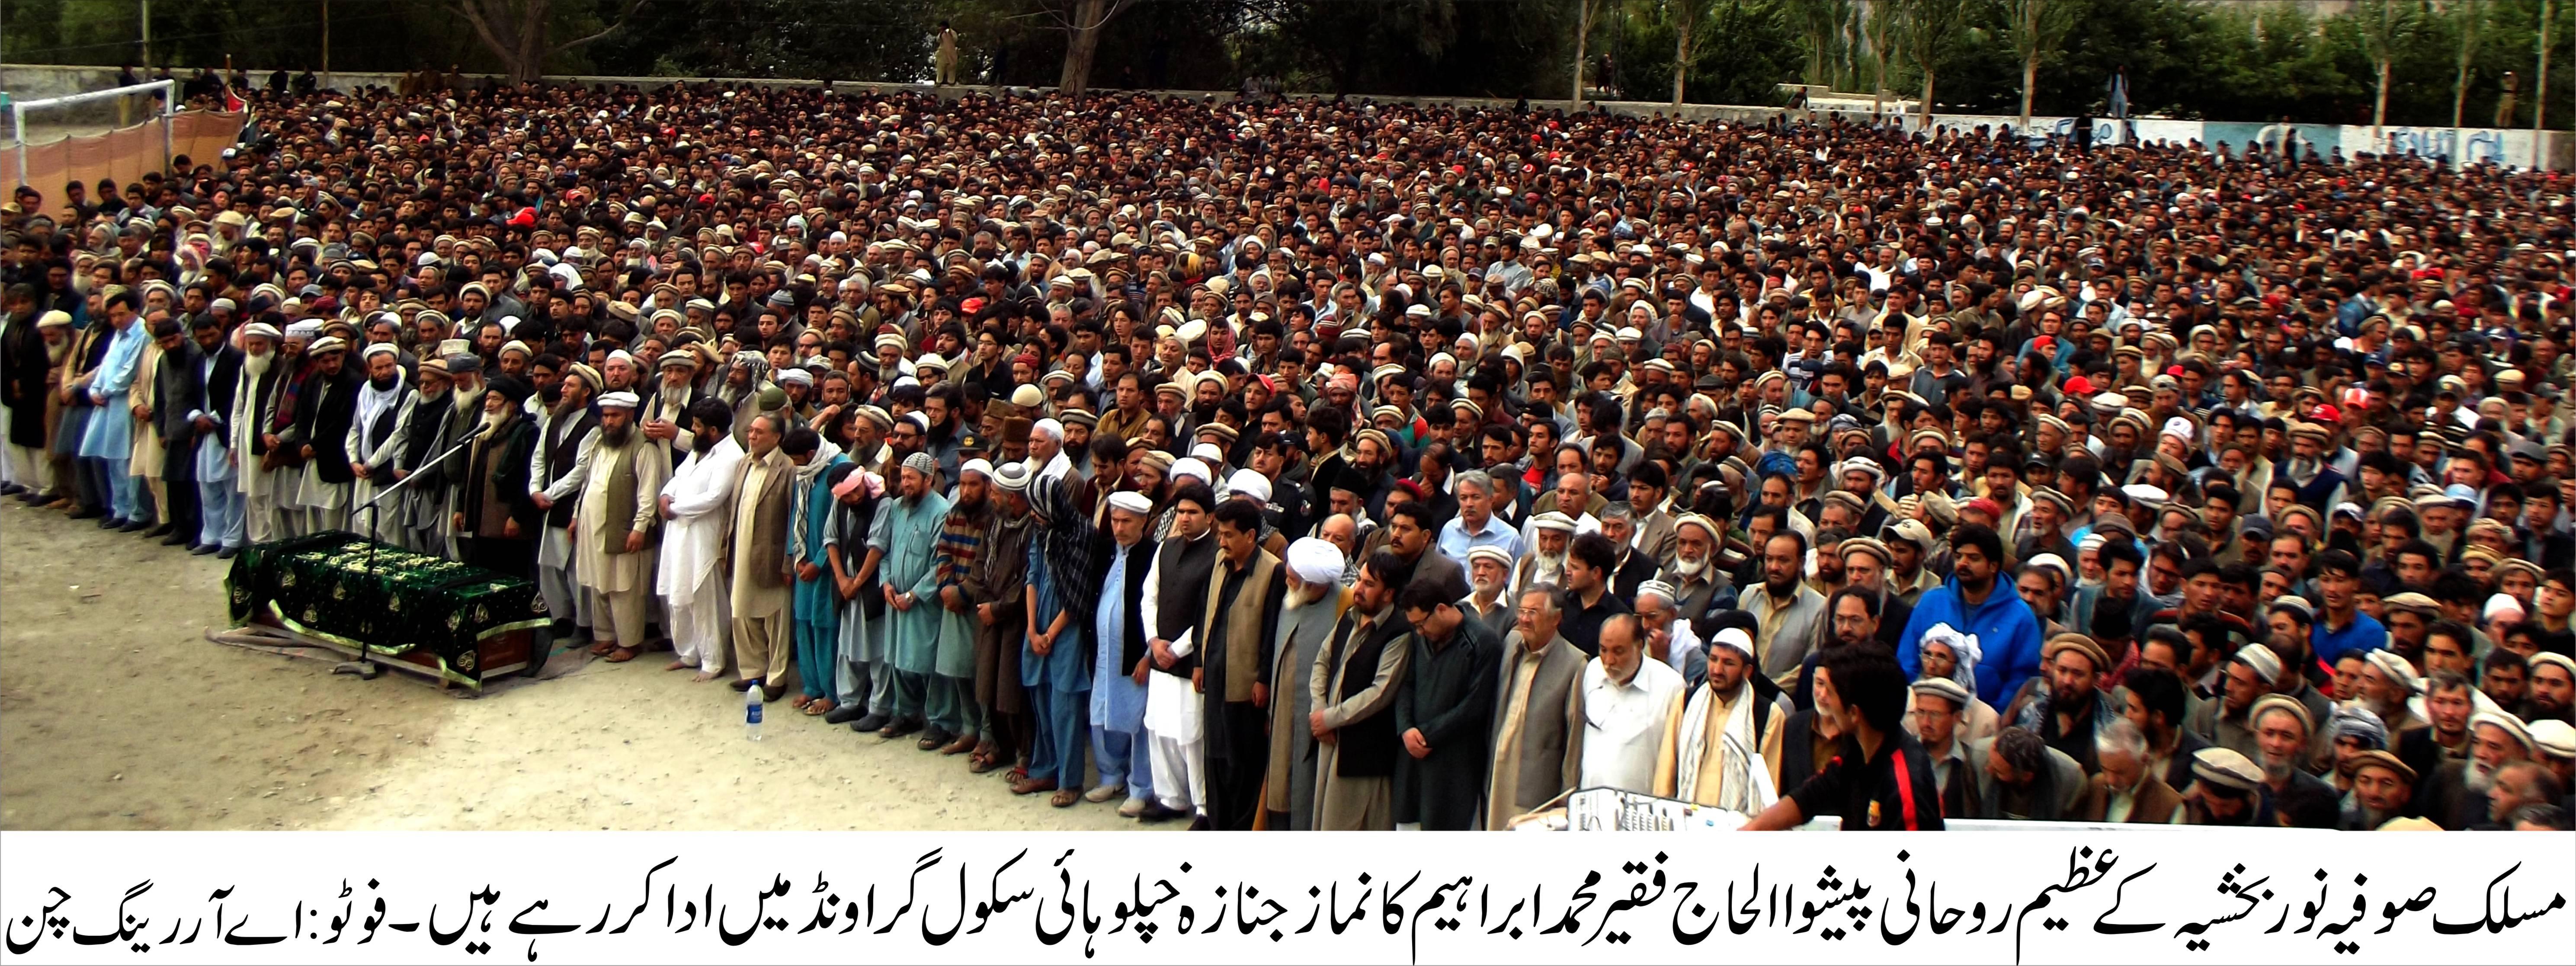 صوفیہ نوربخشیہ مسلک کے روحانی پیشوا آہوں اور سسکیوں میں سپردِ خاک، جنازے میں ہزاروں افراد شریک ہوے